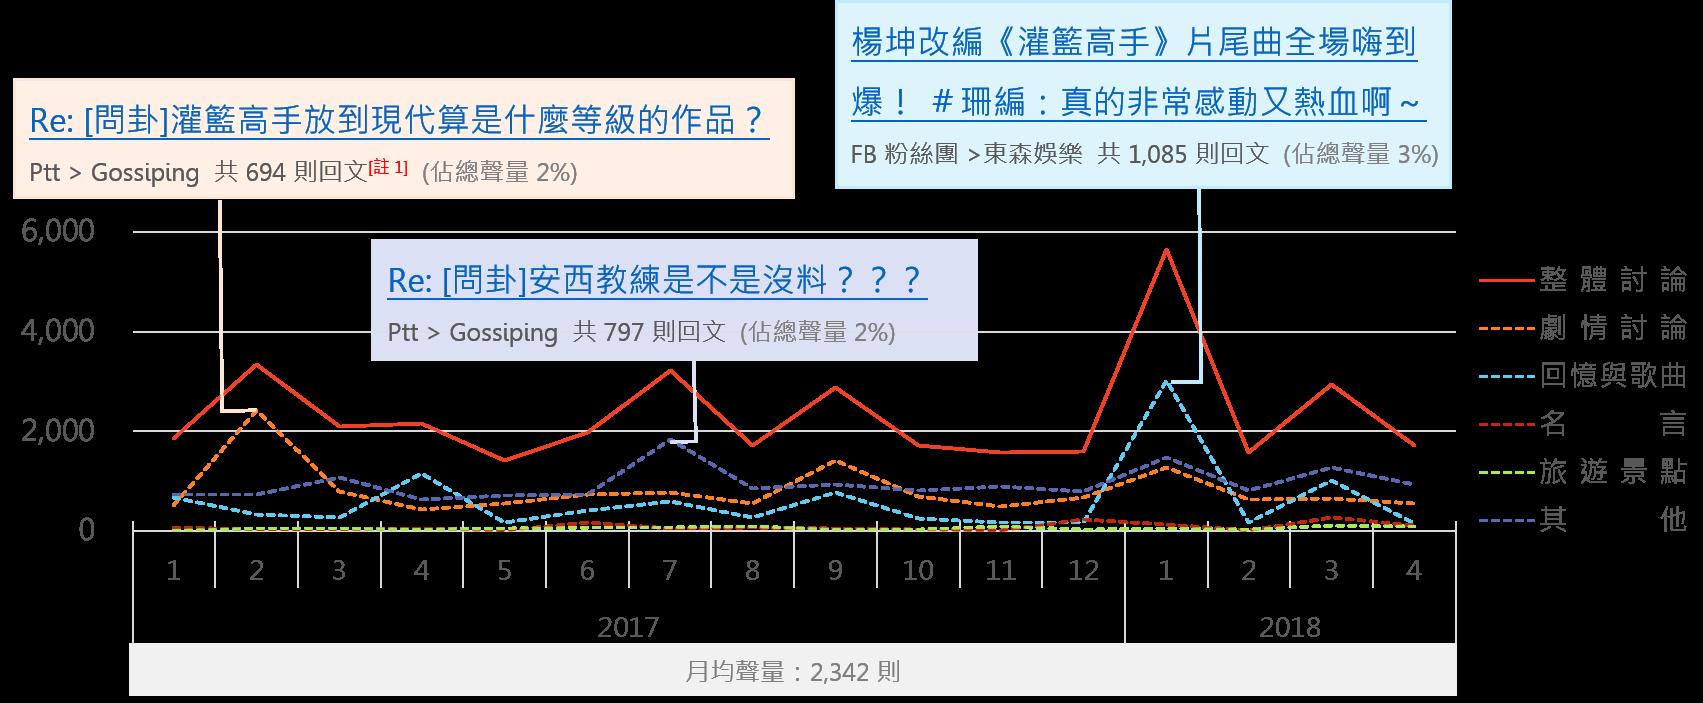 OpView輿情聲量分析_灌籃高手討論聲量趨勢